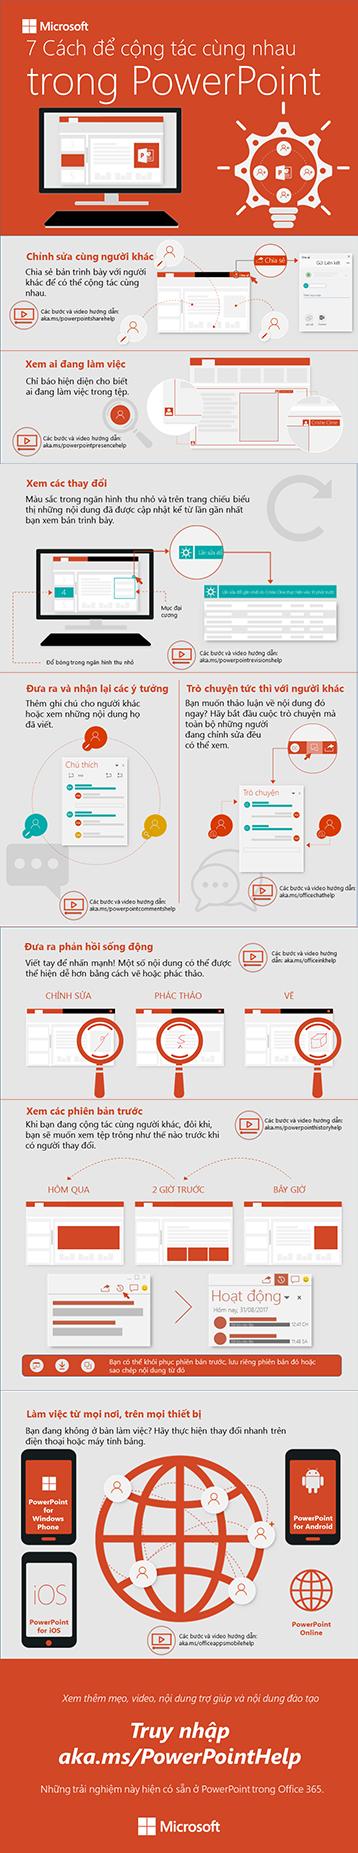 Các cách làm việc cùng nhau trong đồ họa thông tin PowerPoint